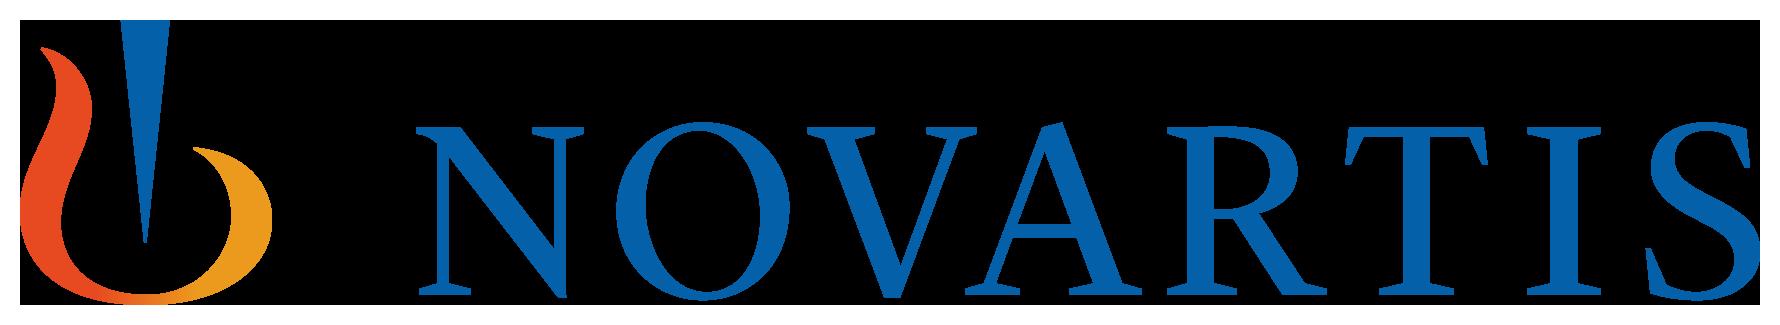 Novartis color